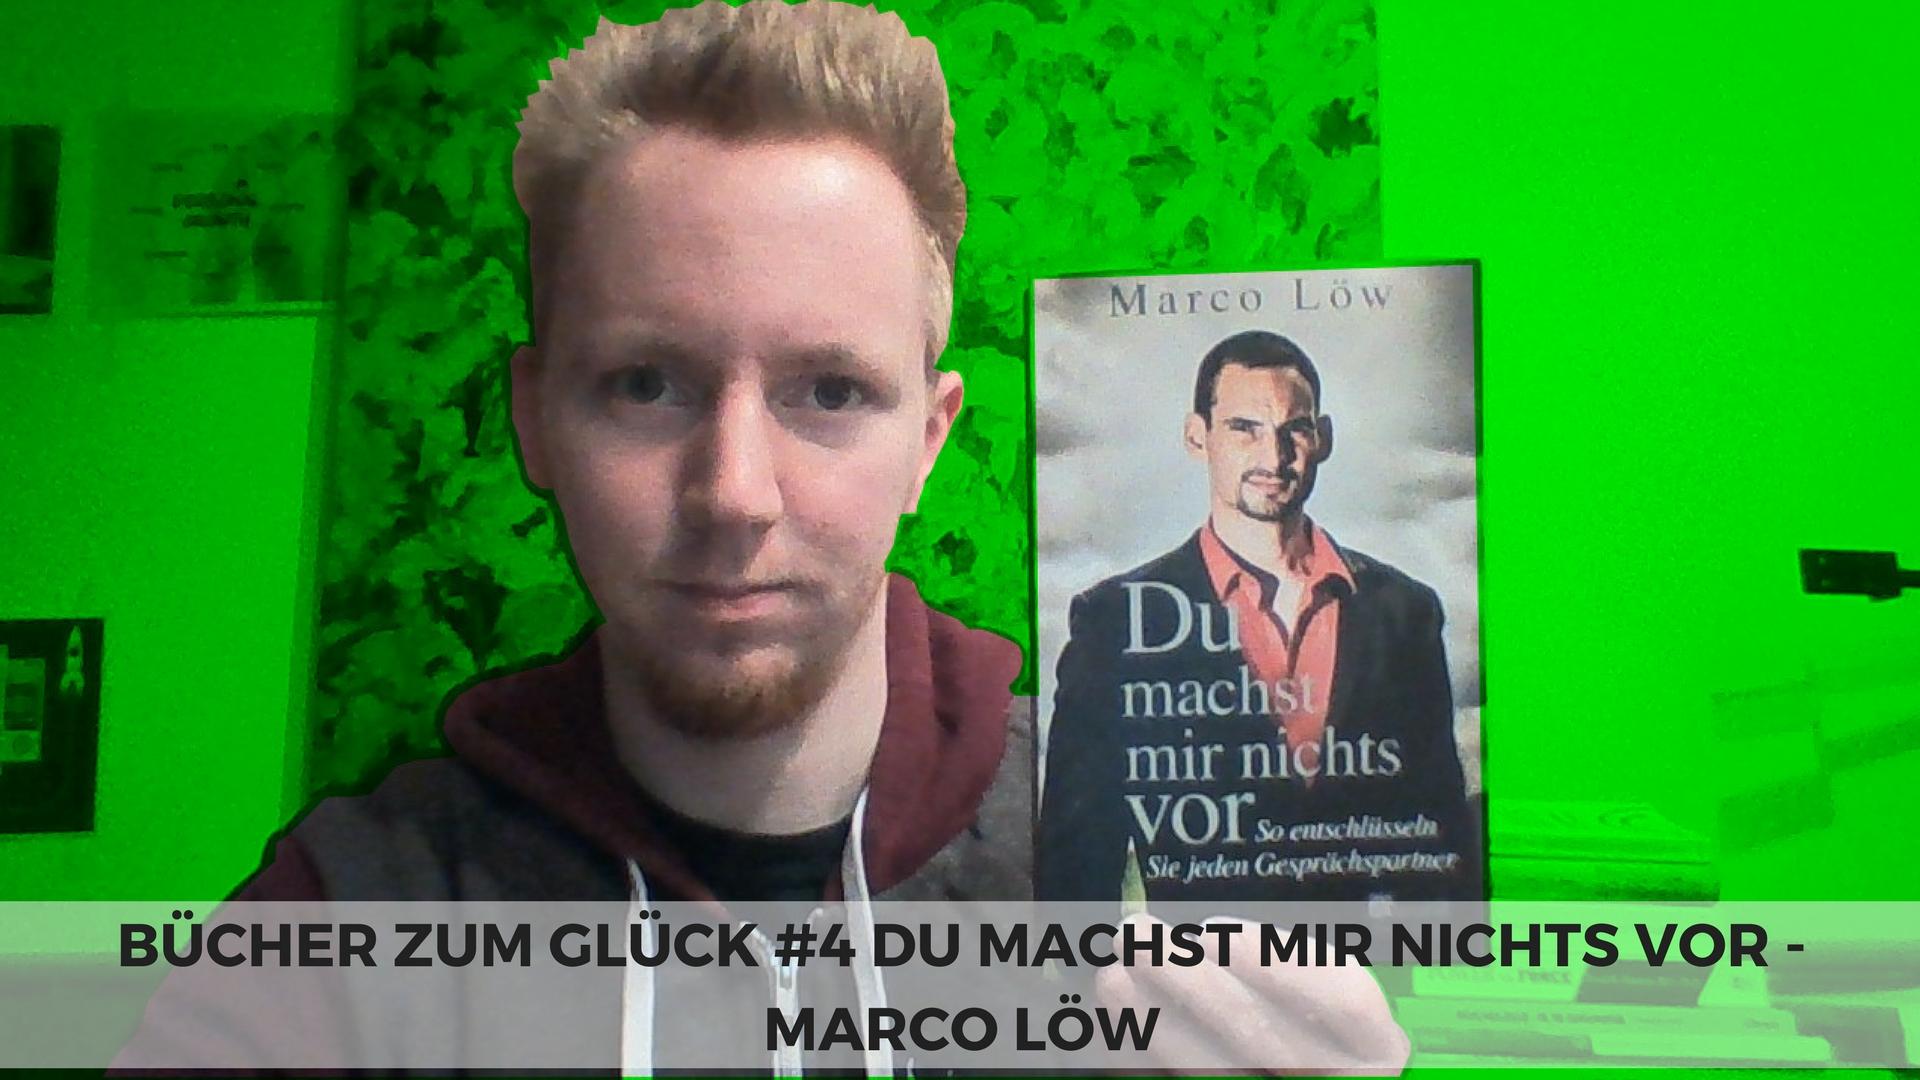 Du machst mir nichts vor - Marco Löw